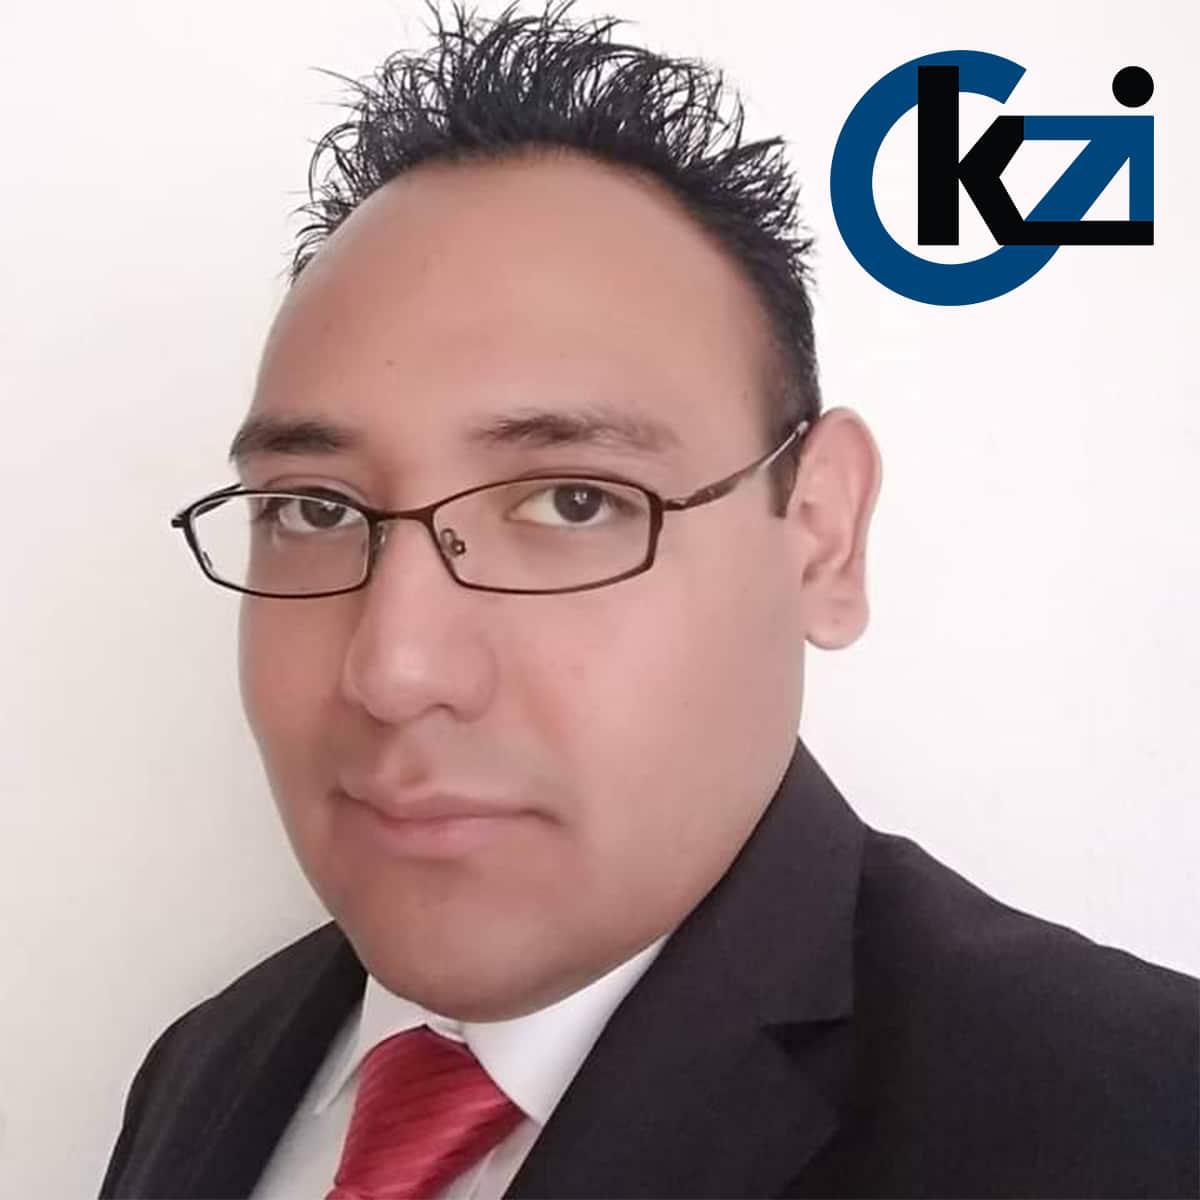 Eduardo Chávez Gatica